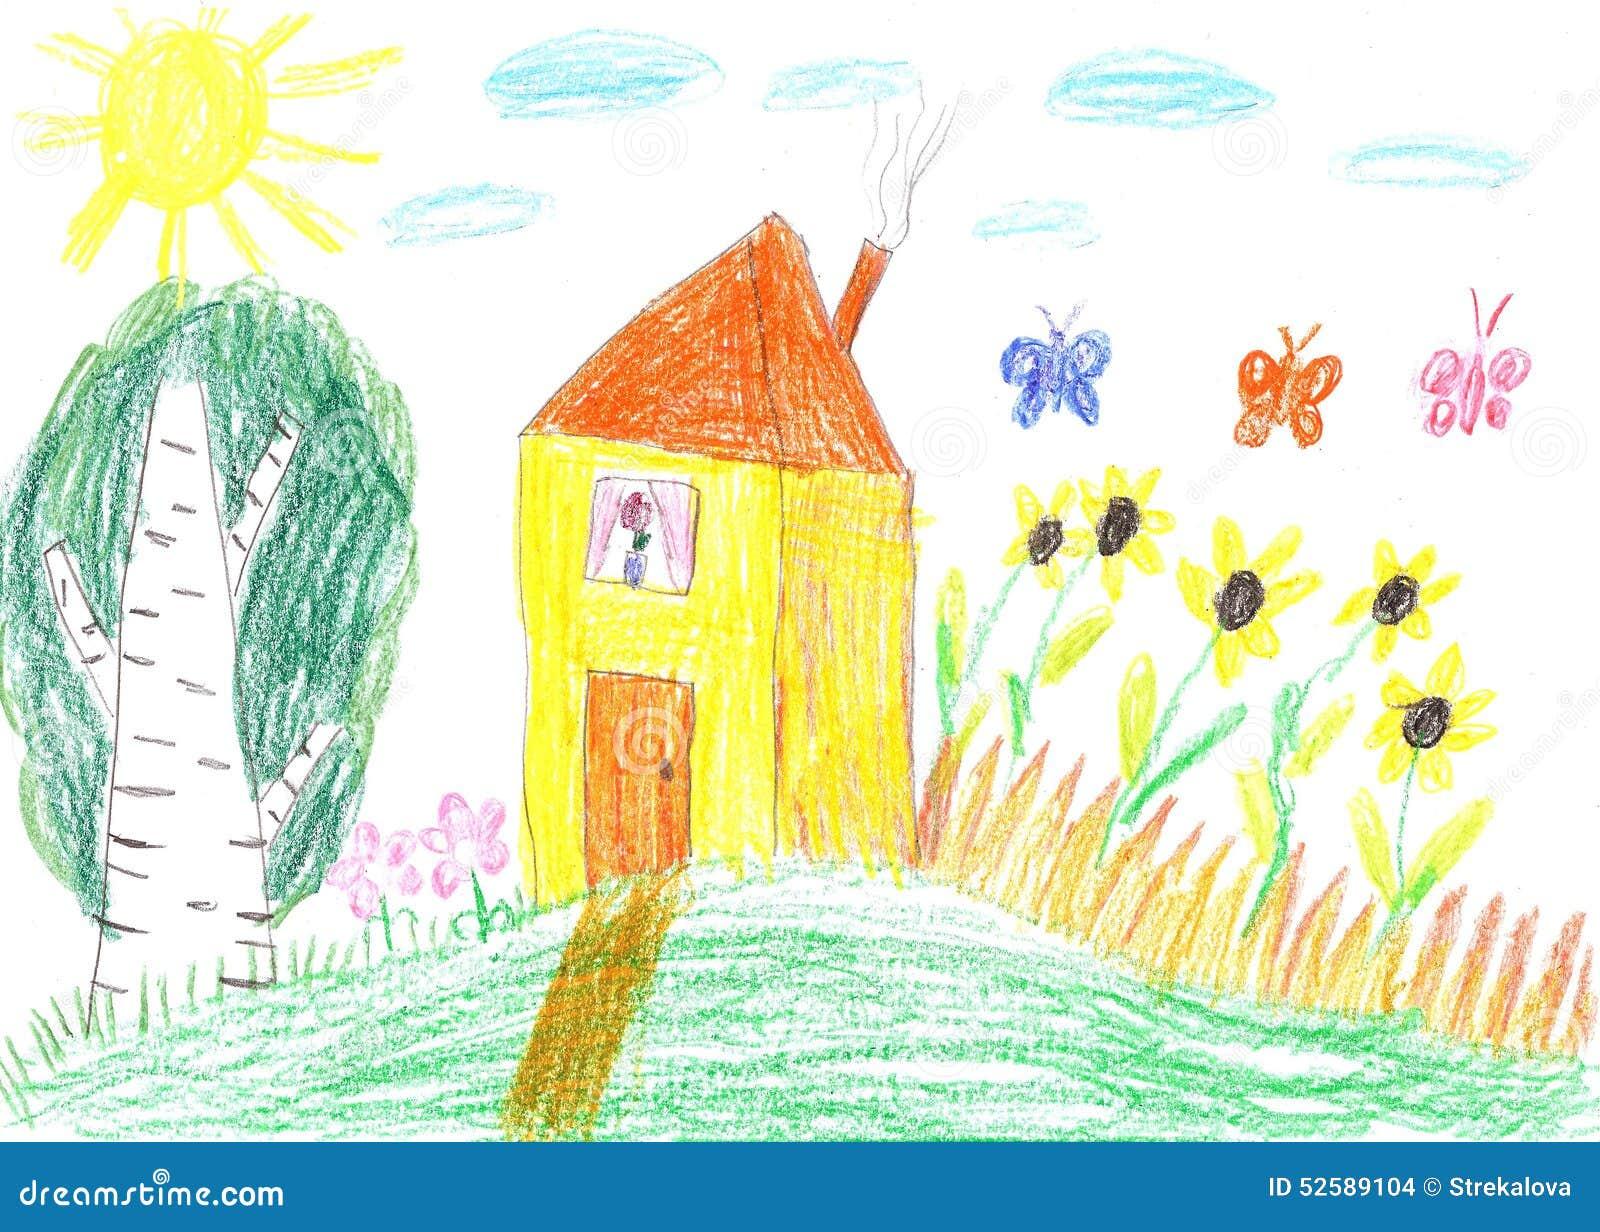 Dessin d 39 enfant d 39 une maison photo stock image 52589104 - Dessin maison enfant ...